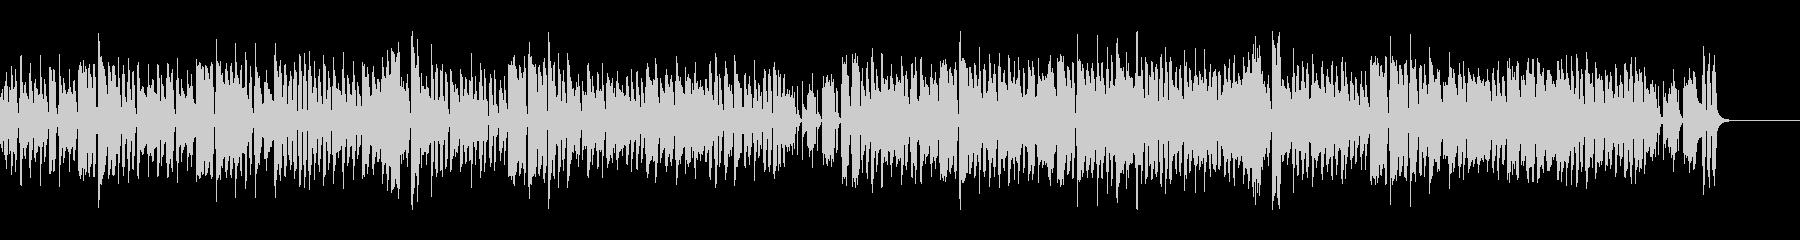 気の抜けた、調子のはずれたリコーダーの曲の未再生の波形